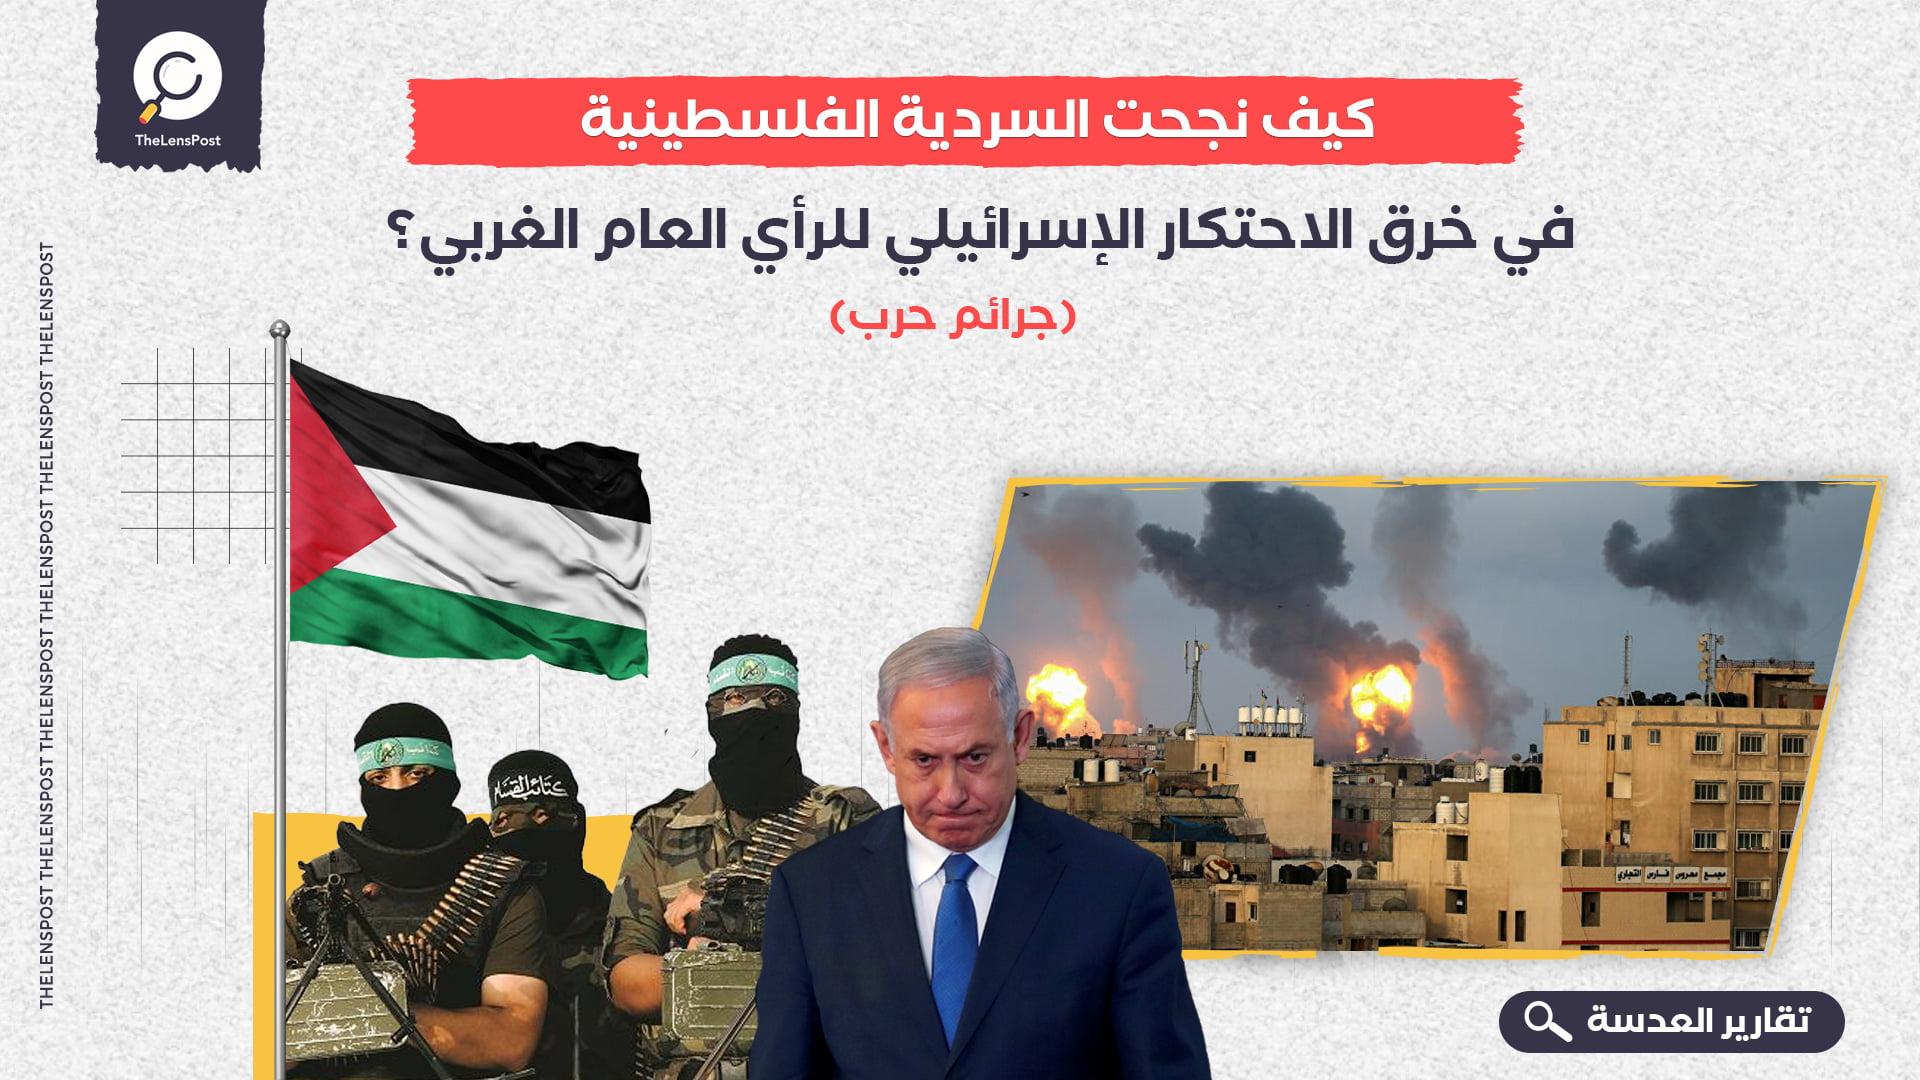 كيف نجحت السردية الفلسطينية في خرق الاحتكار الإسرائيلي للرأي العام الغربي؟